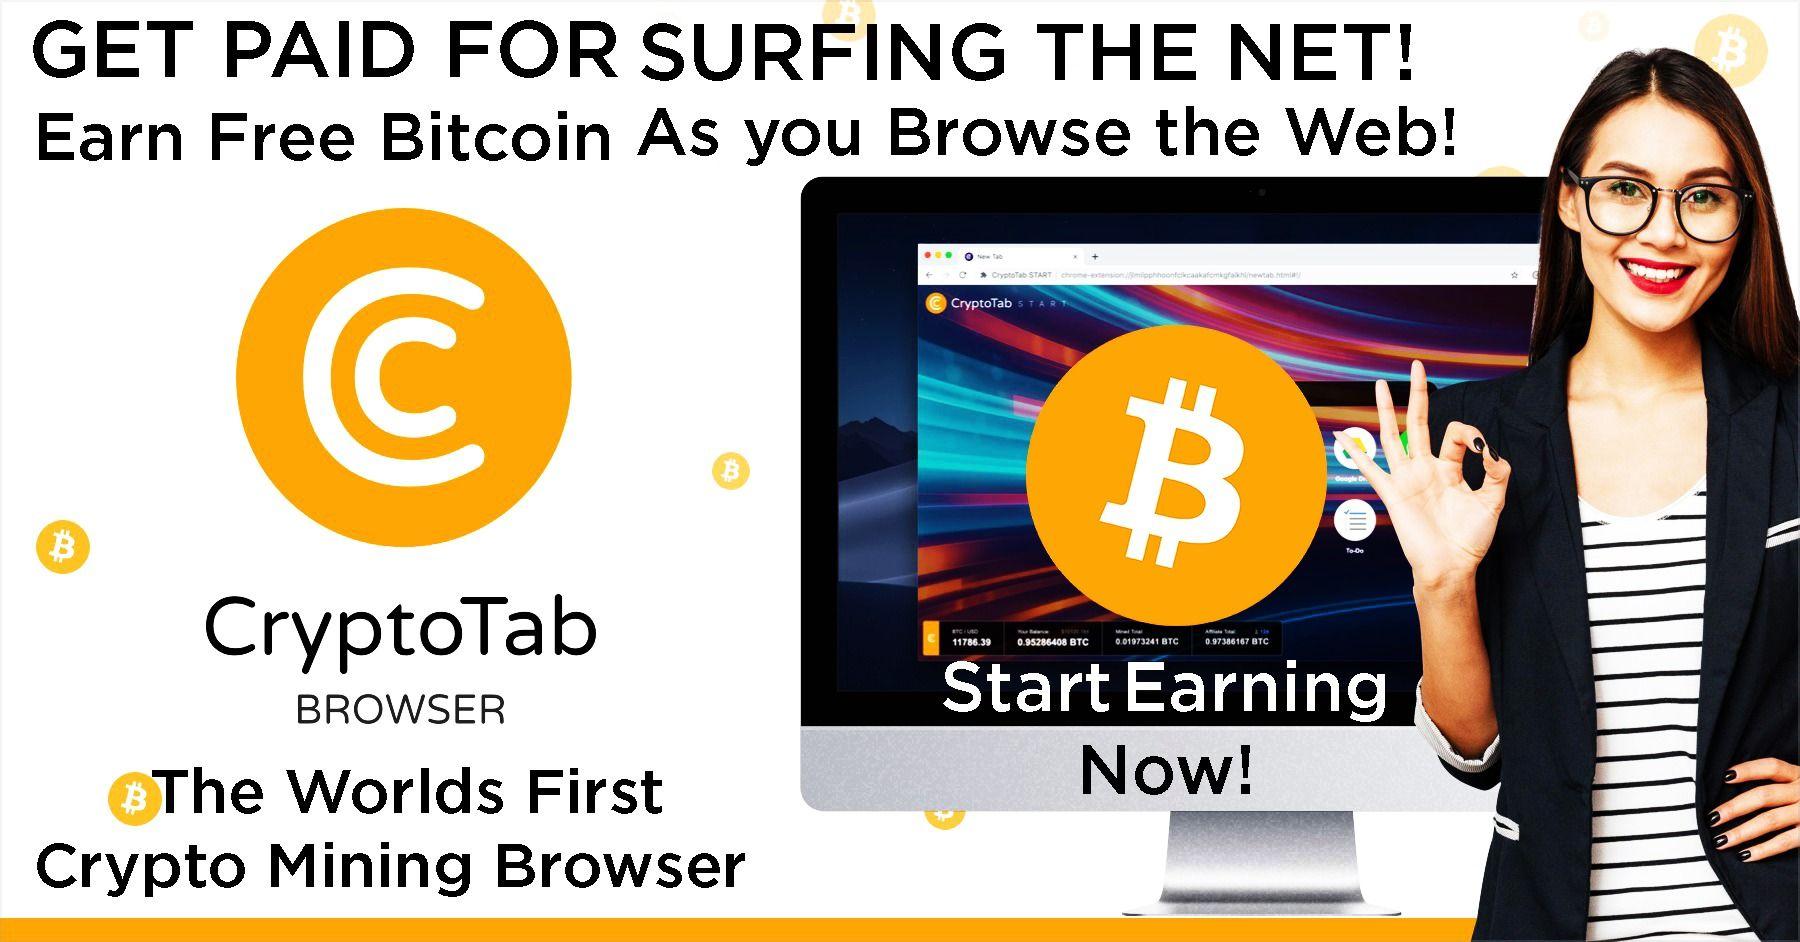 izsekot bitcoin pārskaitījumu